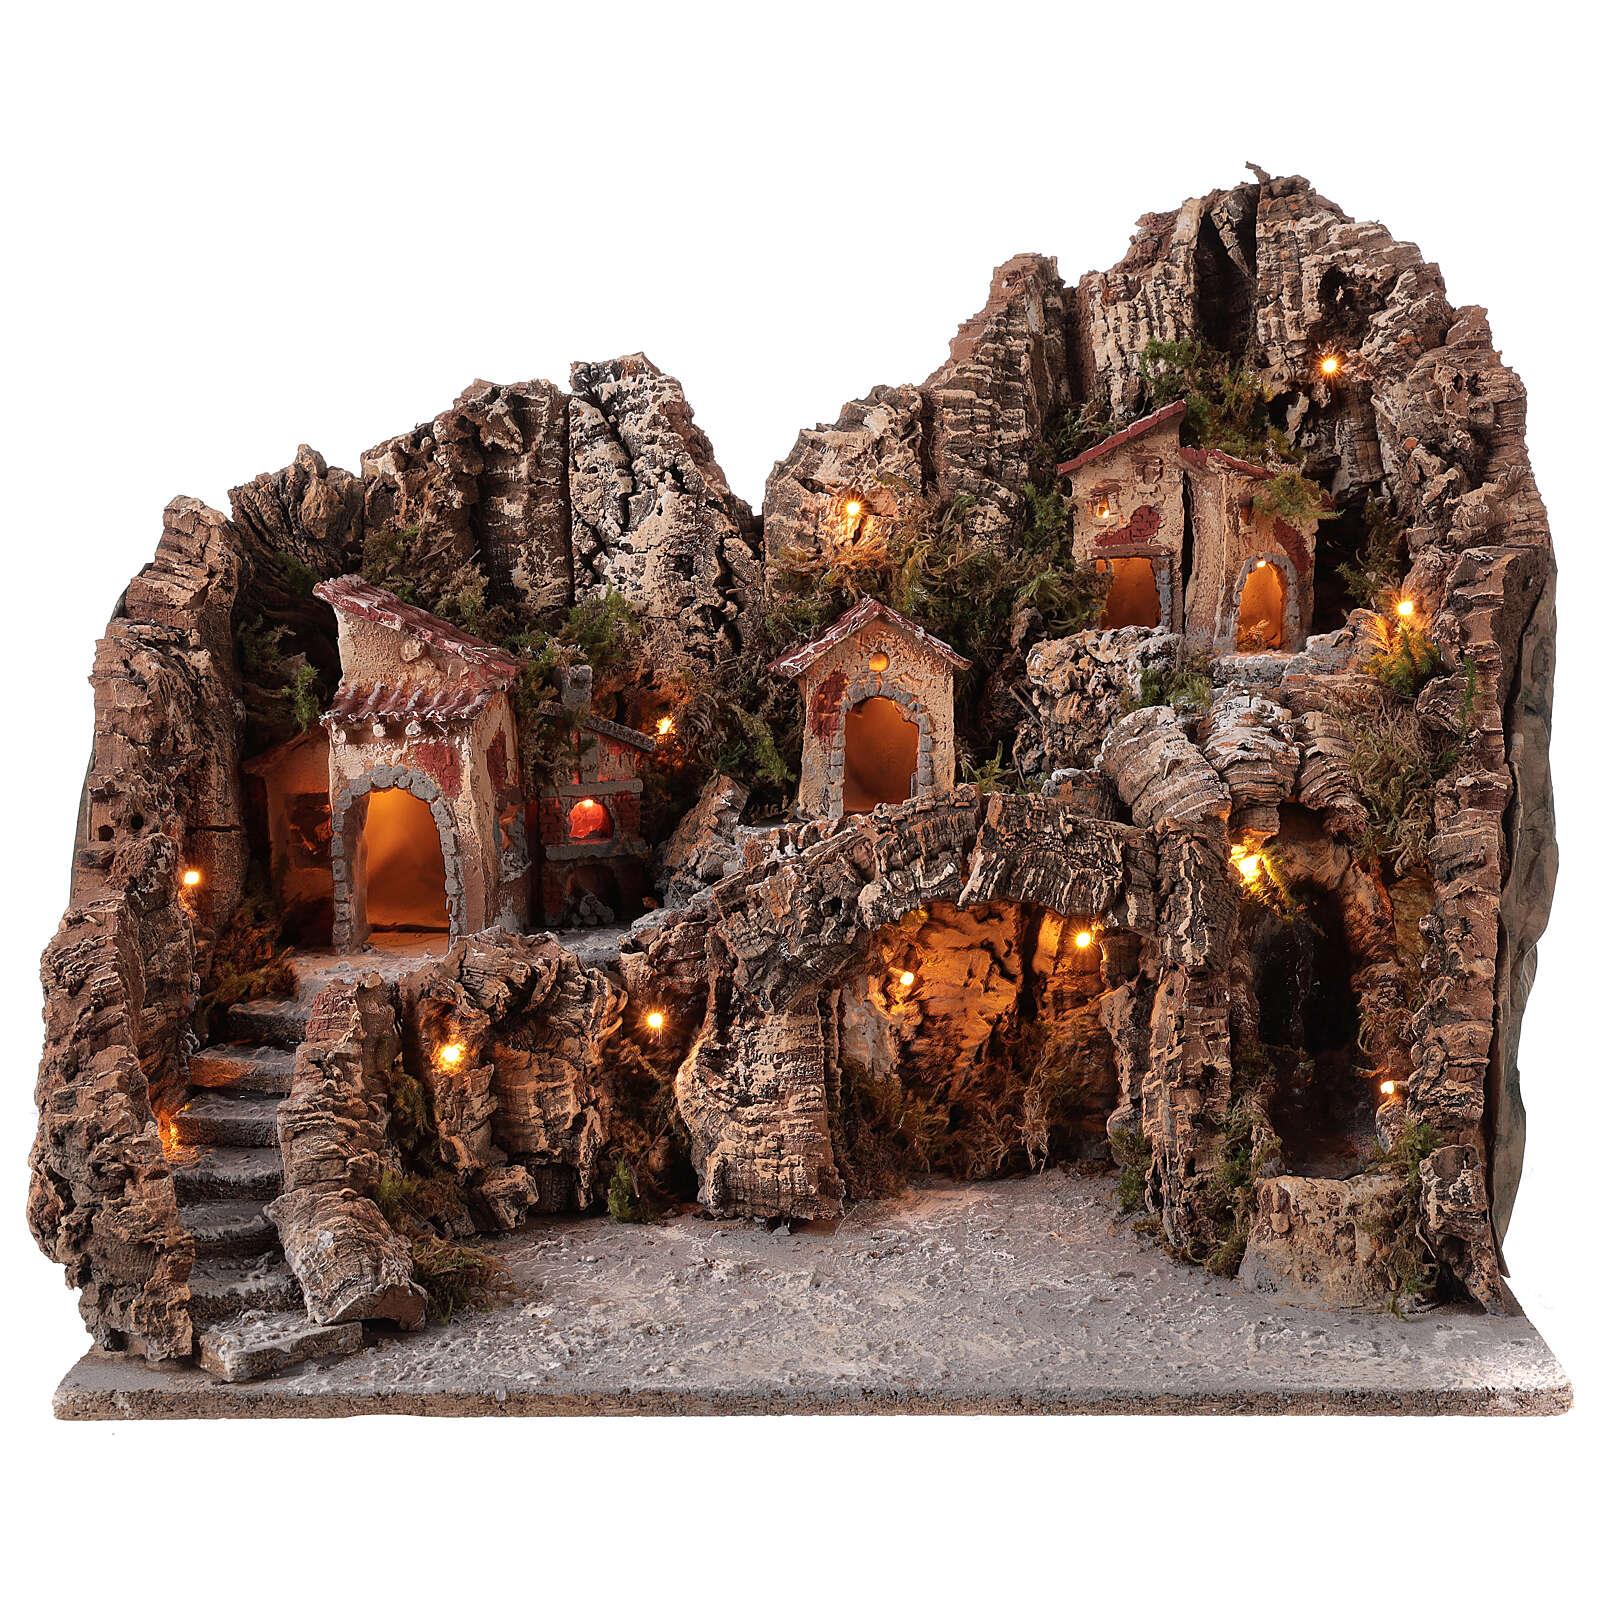 Gruta Natividad río y horno belén napolitano 45 x 50 x 40 cm 4